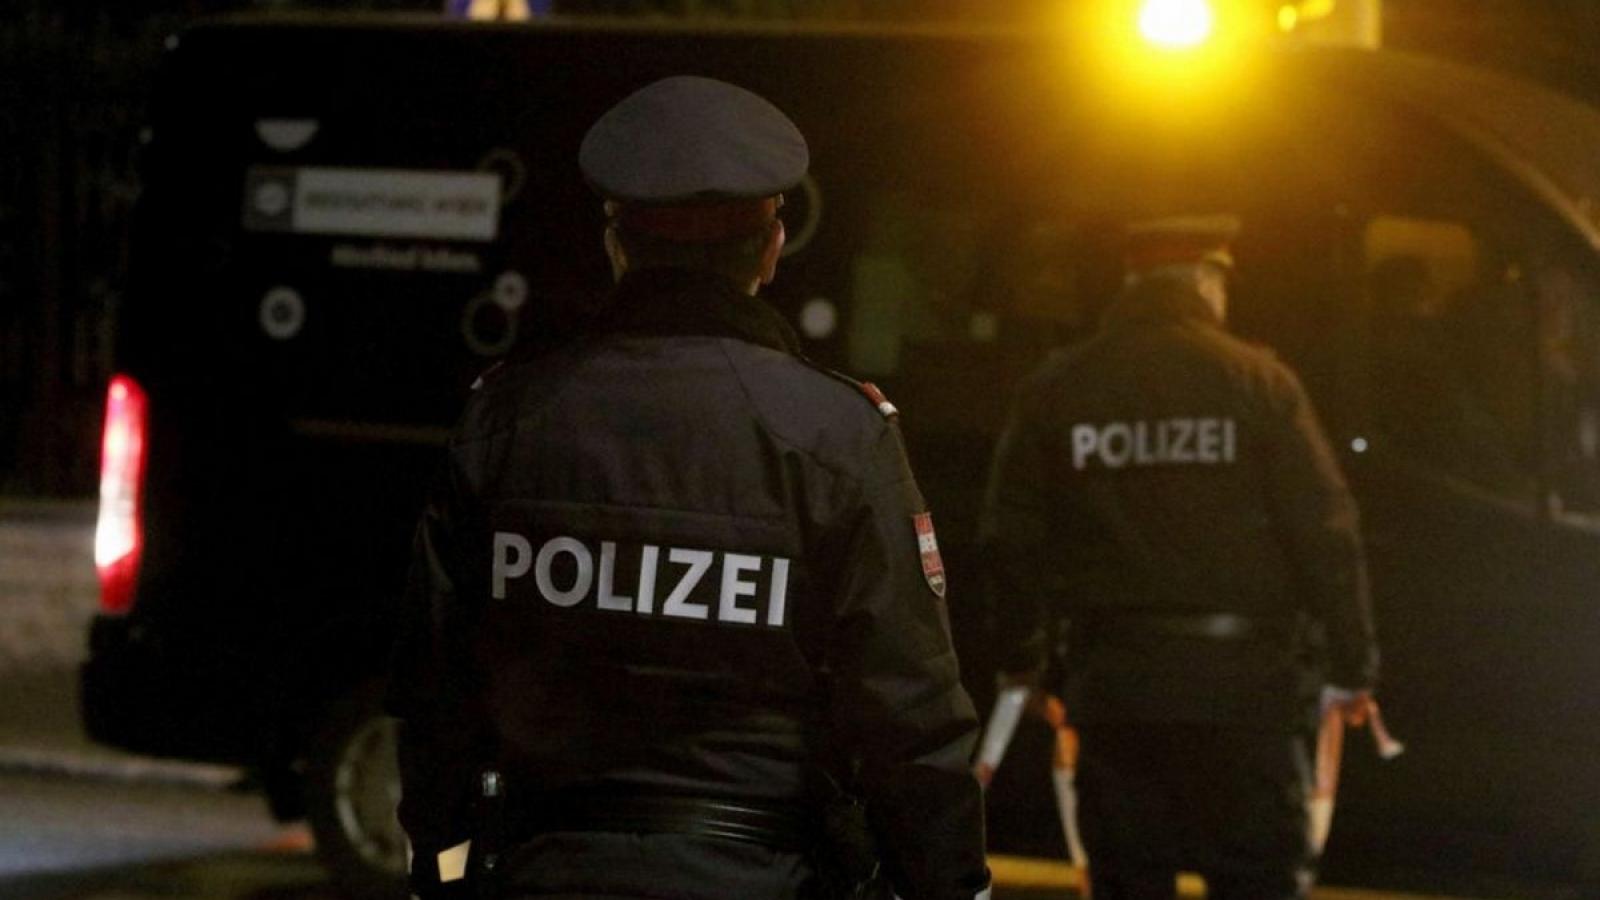 Đột kích bắt giữ hàng chục đối tượng nghi là phần tử Hồi giáo cực đoan ở Áo